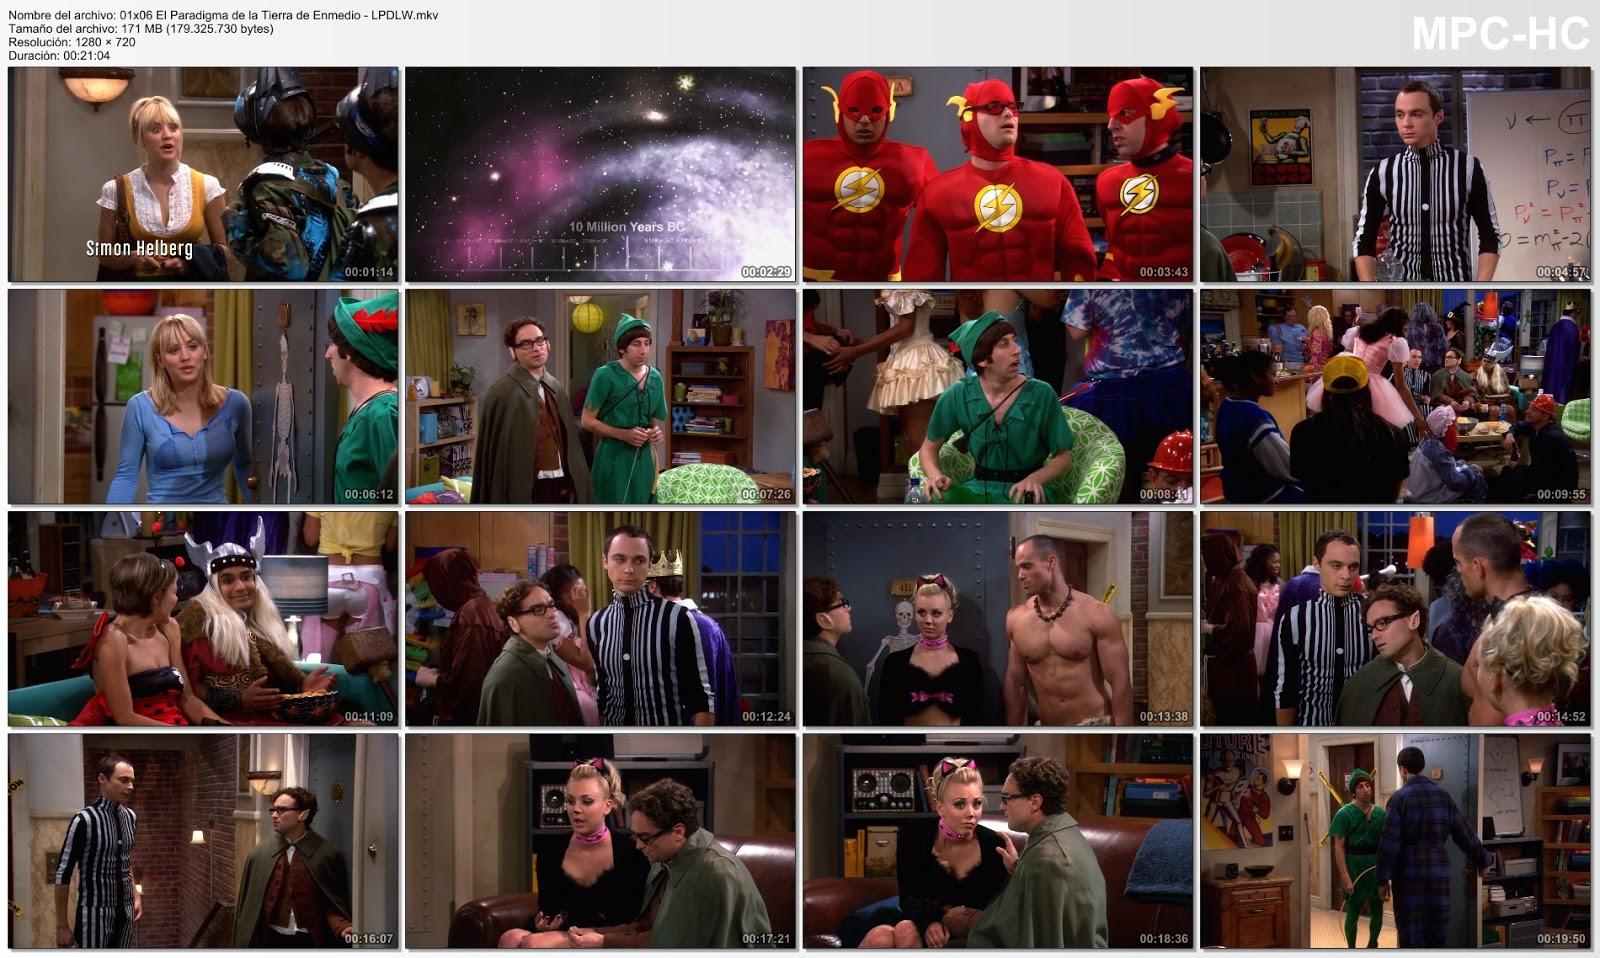 La Teoria del Big Bang - Temporada 1 - 720p - Latino [Mega]